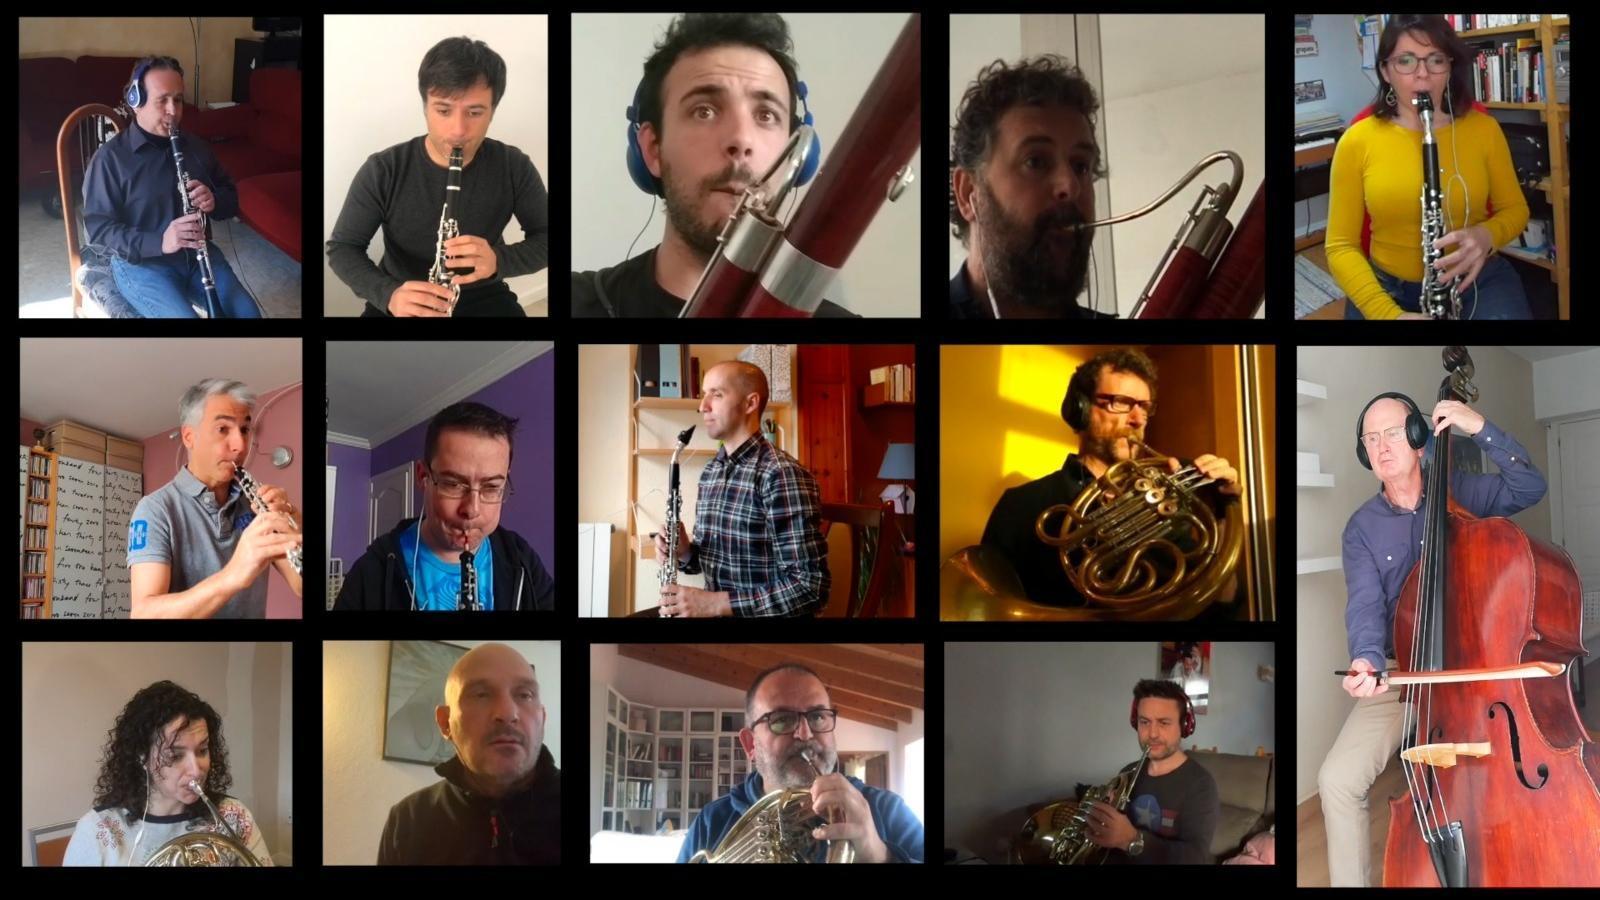 L'OSIB ha publicat un vídeo interpretant la 'Serenata núm. 10 Gran Partita'.